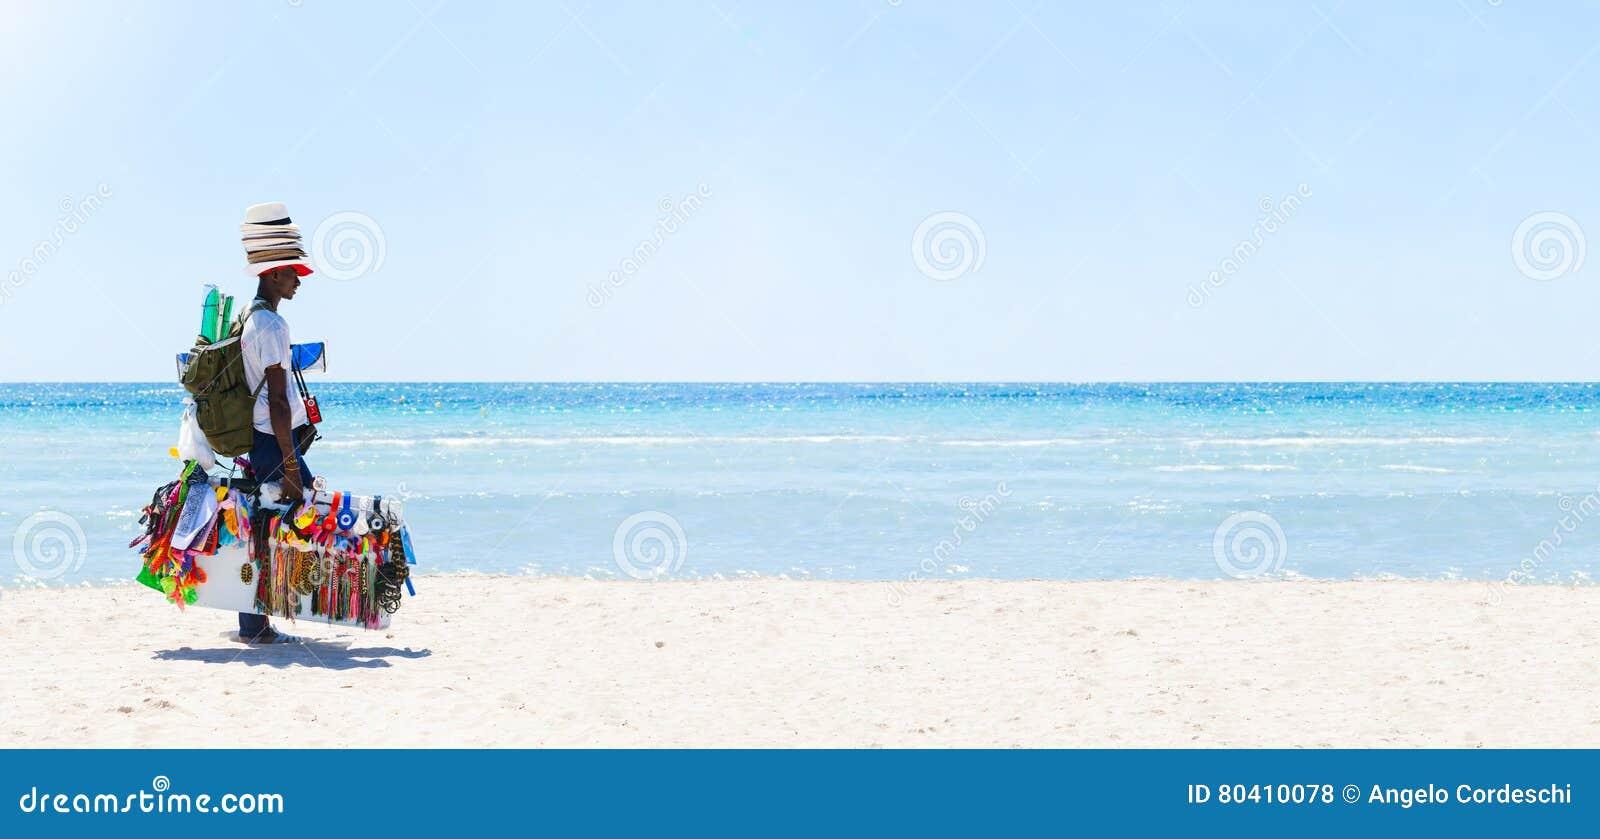 Venter bij het strand Overzees panorama